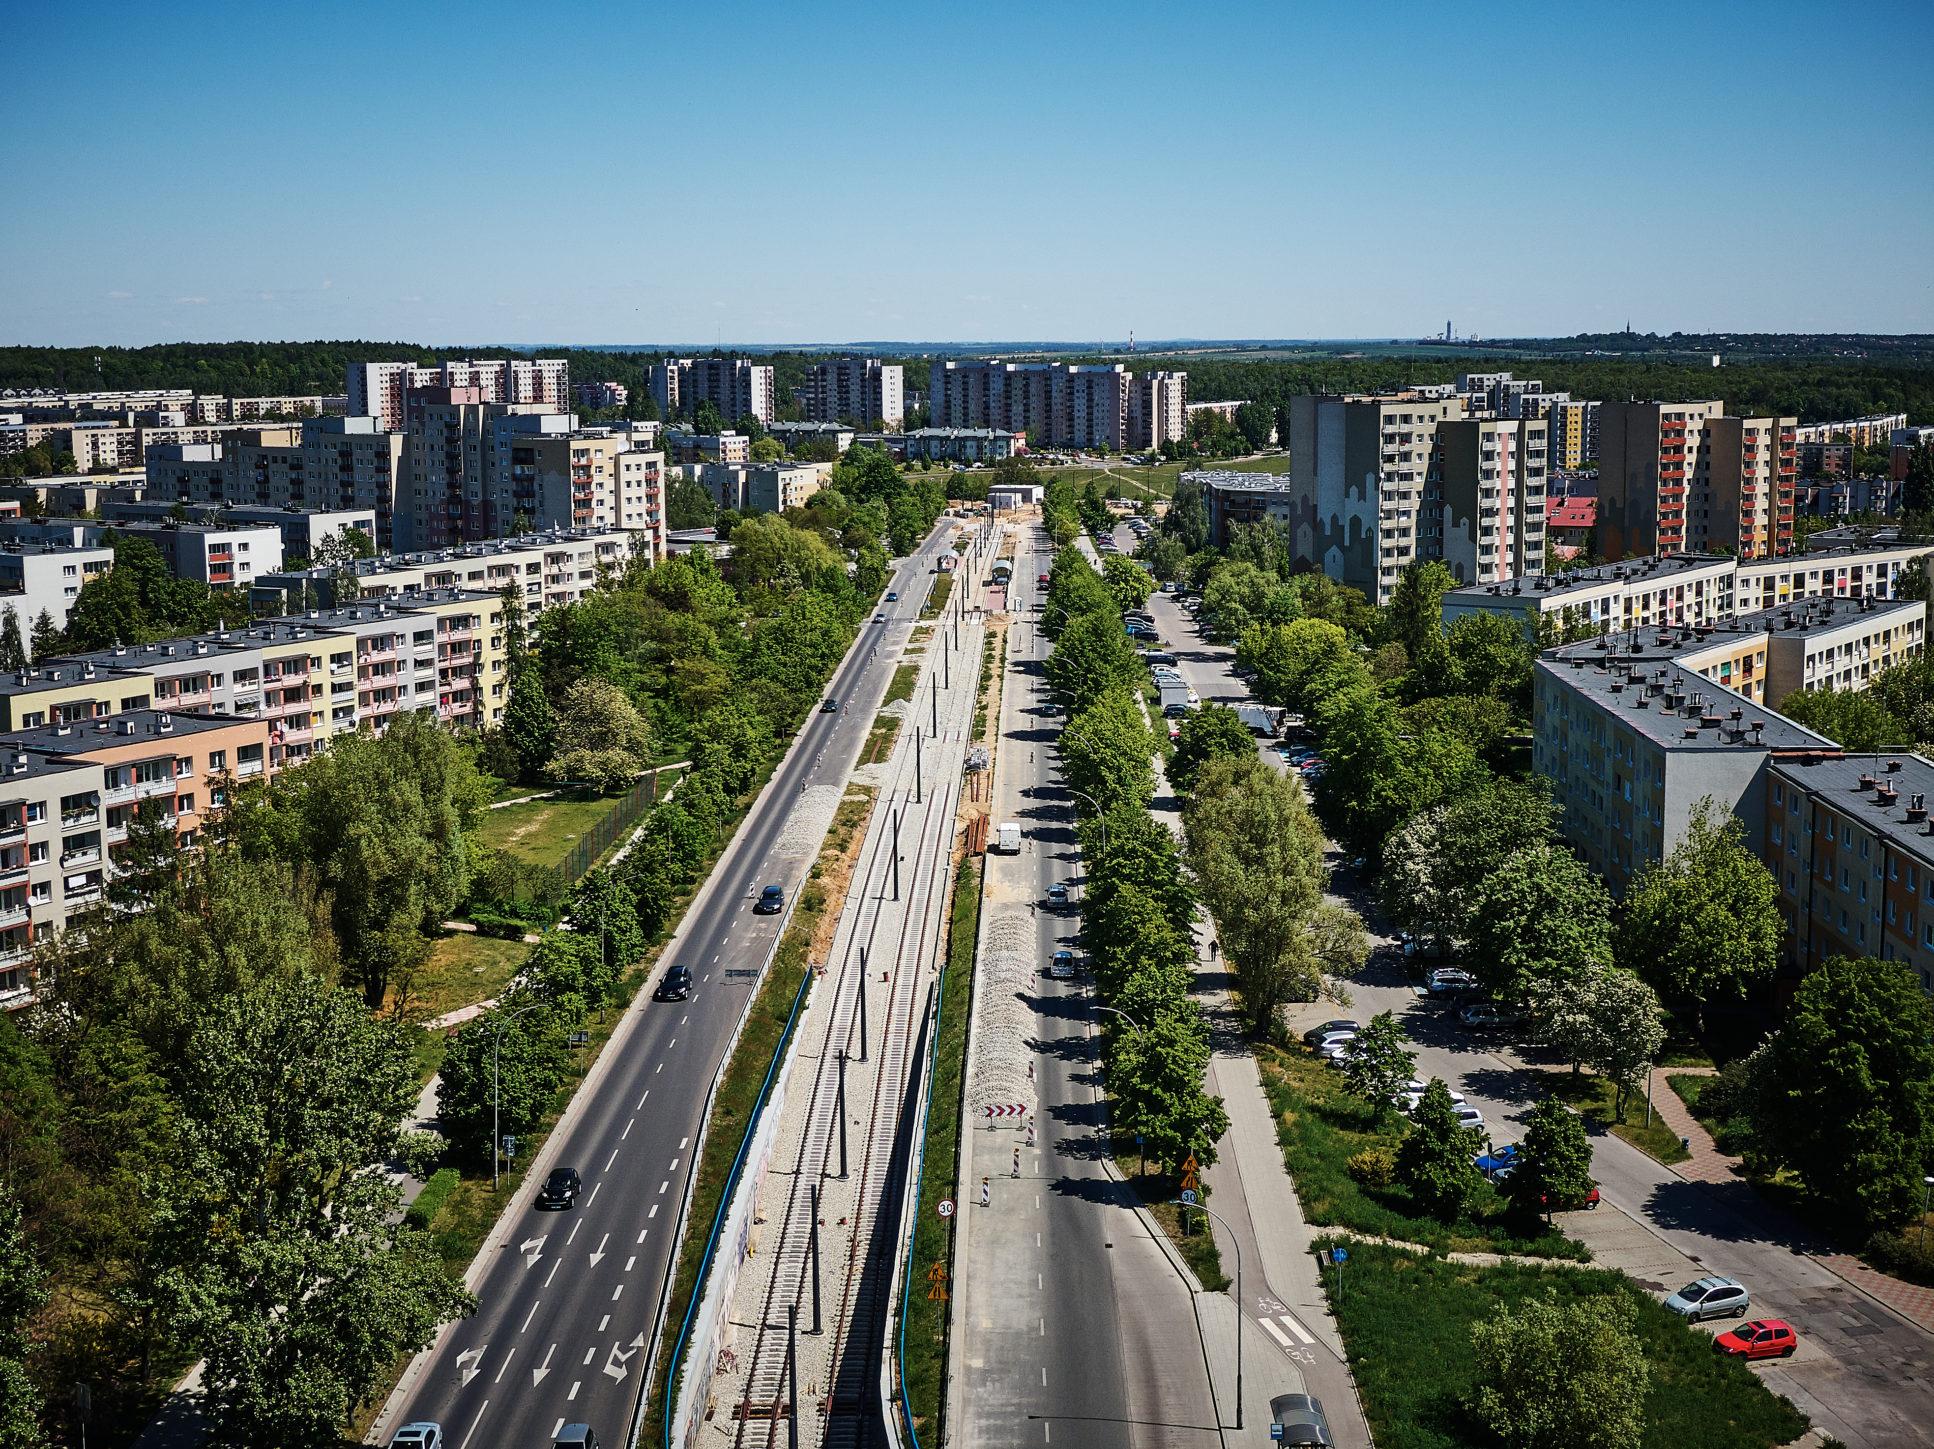 Przebudowa torowiska w centrum Częstochowy w wakacje